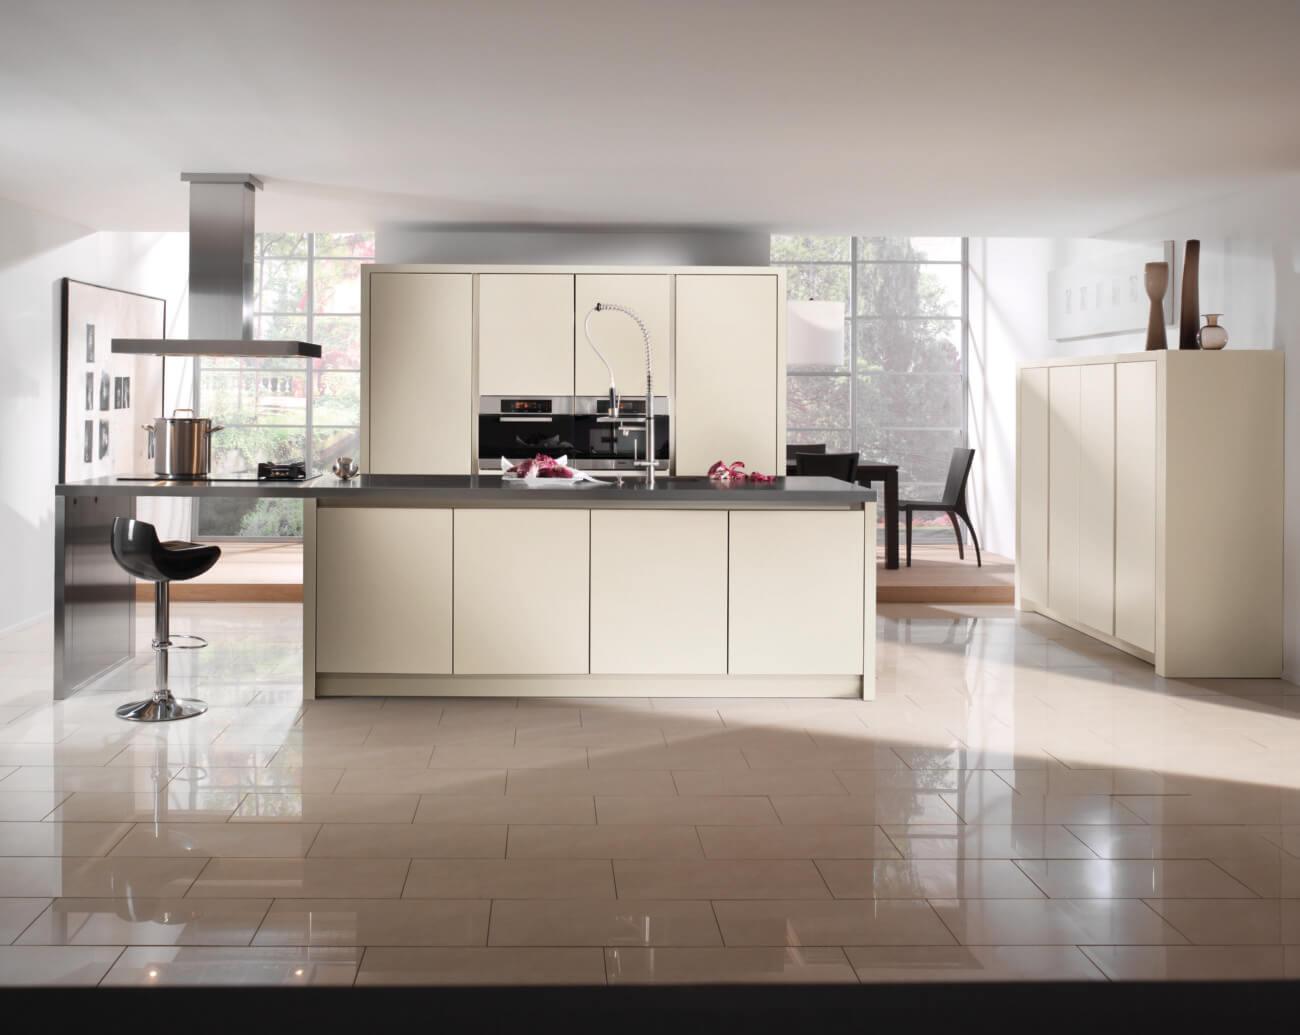 k che magnolia welche arbeitsplatte welche arbeitsplatte f r magnolia k che. Black Bedroom Furniture Sets. Home Design Ideas